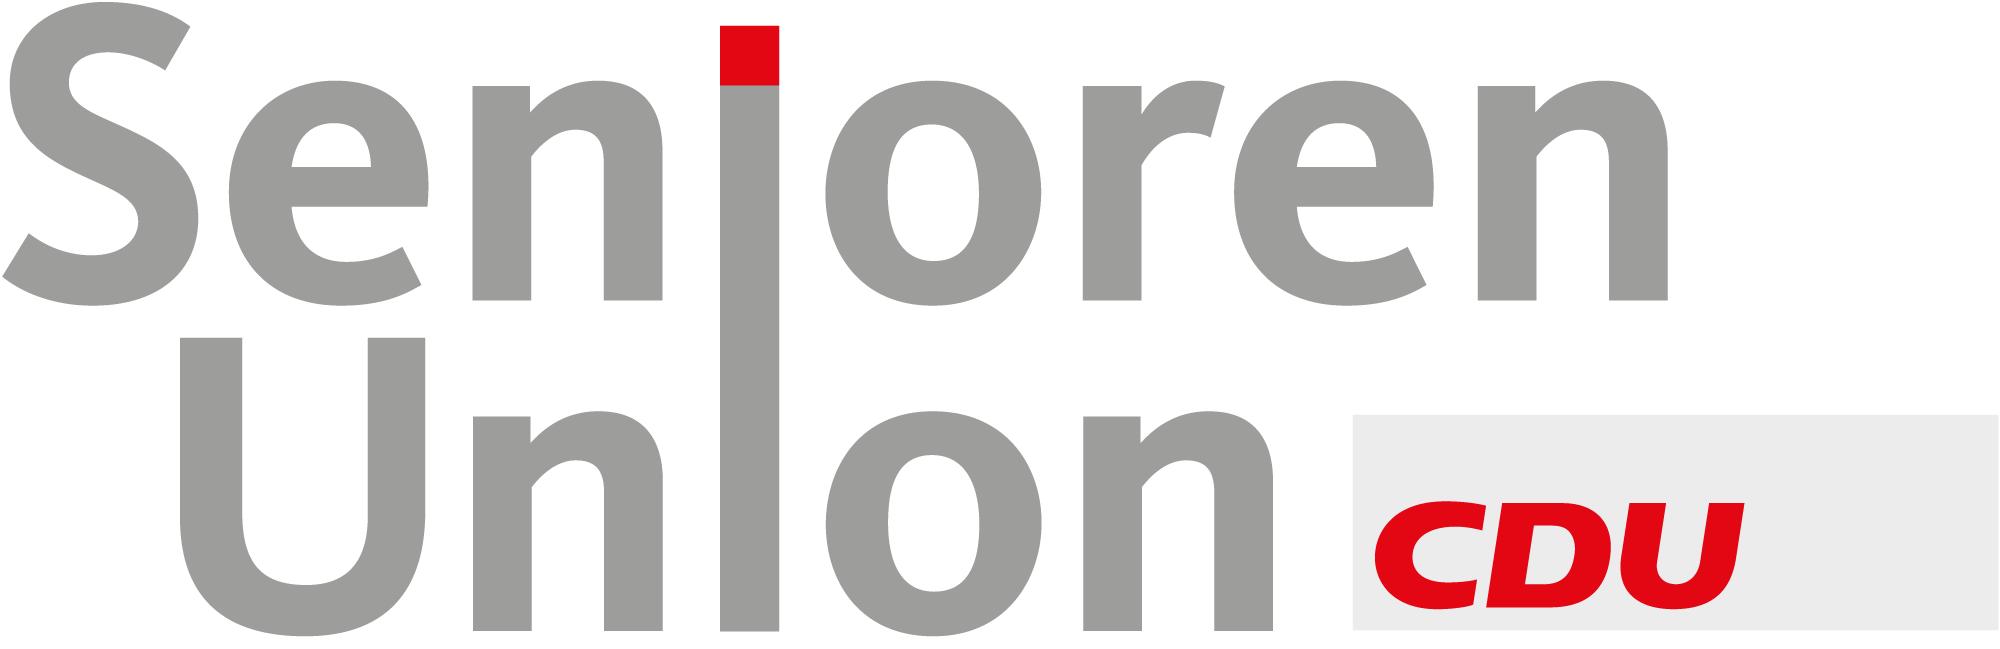 Senioren Union Freiburg